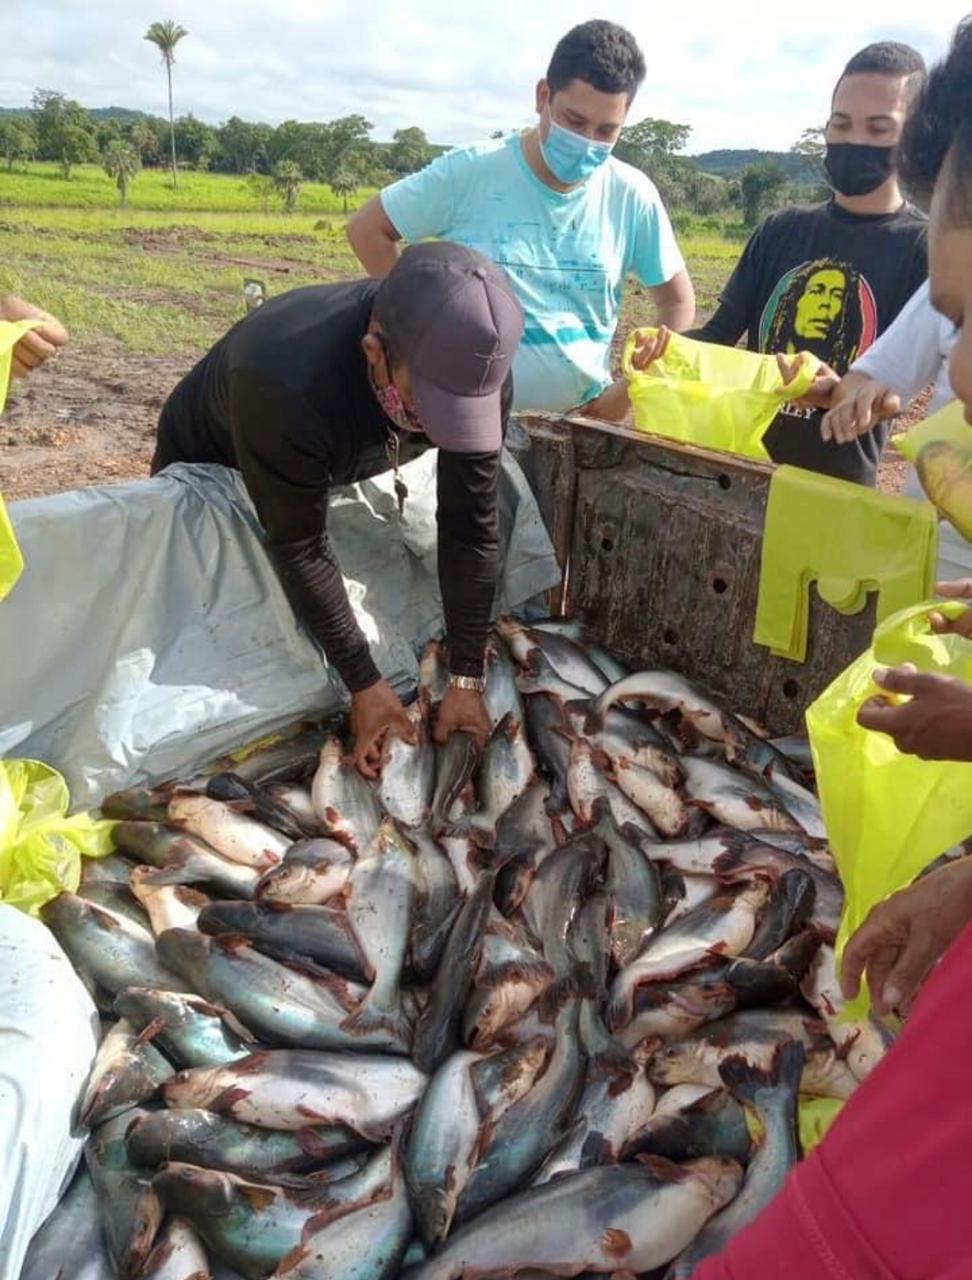 Distribuição do tradicional peixe da semana Santa para a população de Curralinhos - Foto: Divulgação/Ascom